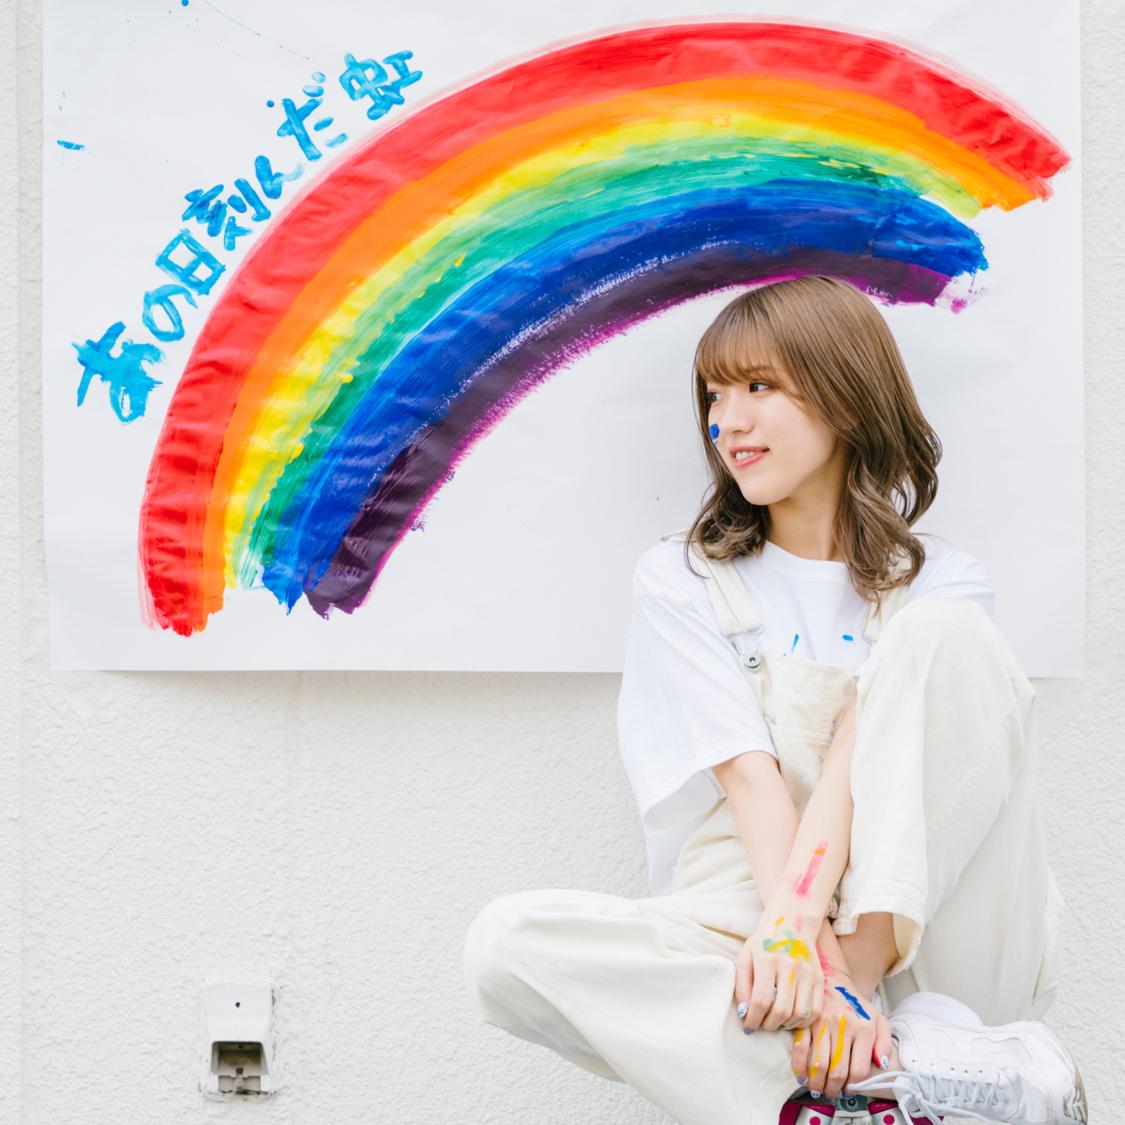 配信限定ソロシングル「あの日刻んだ虹」